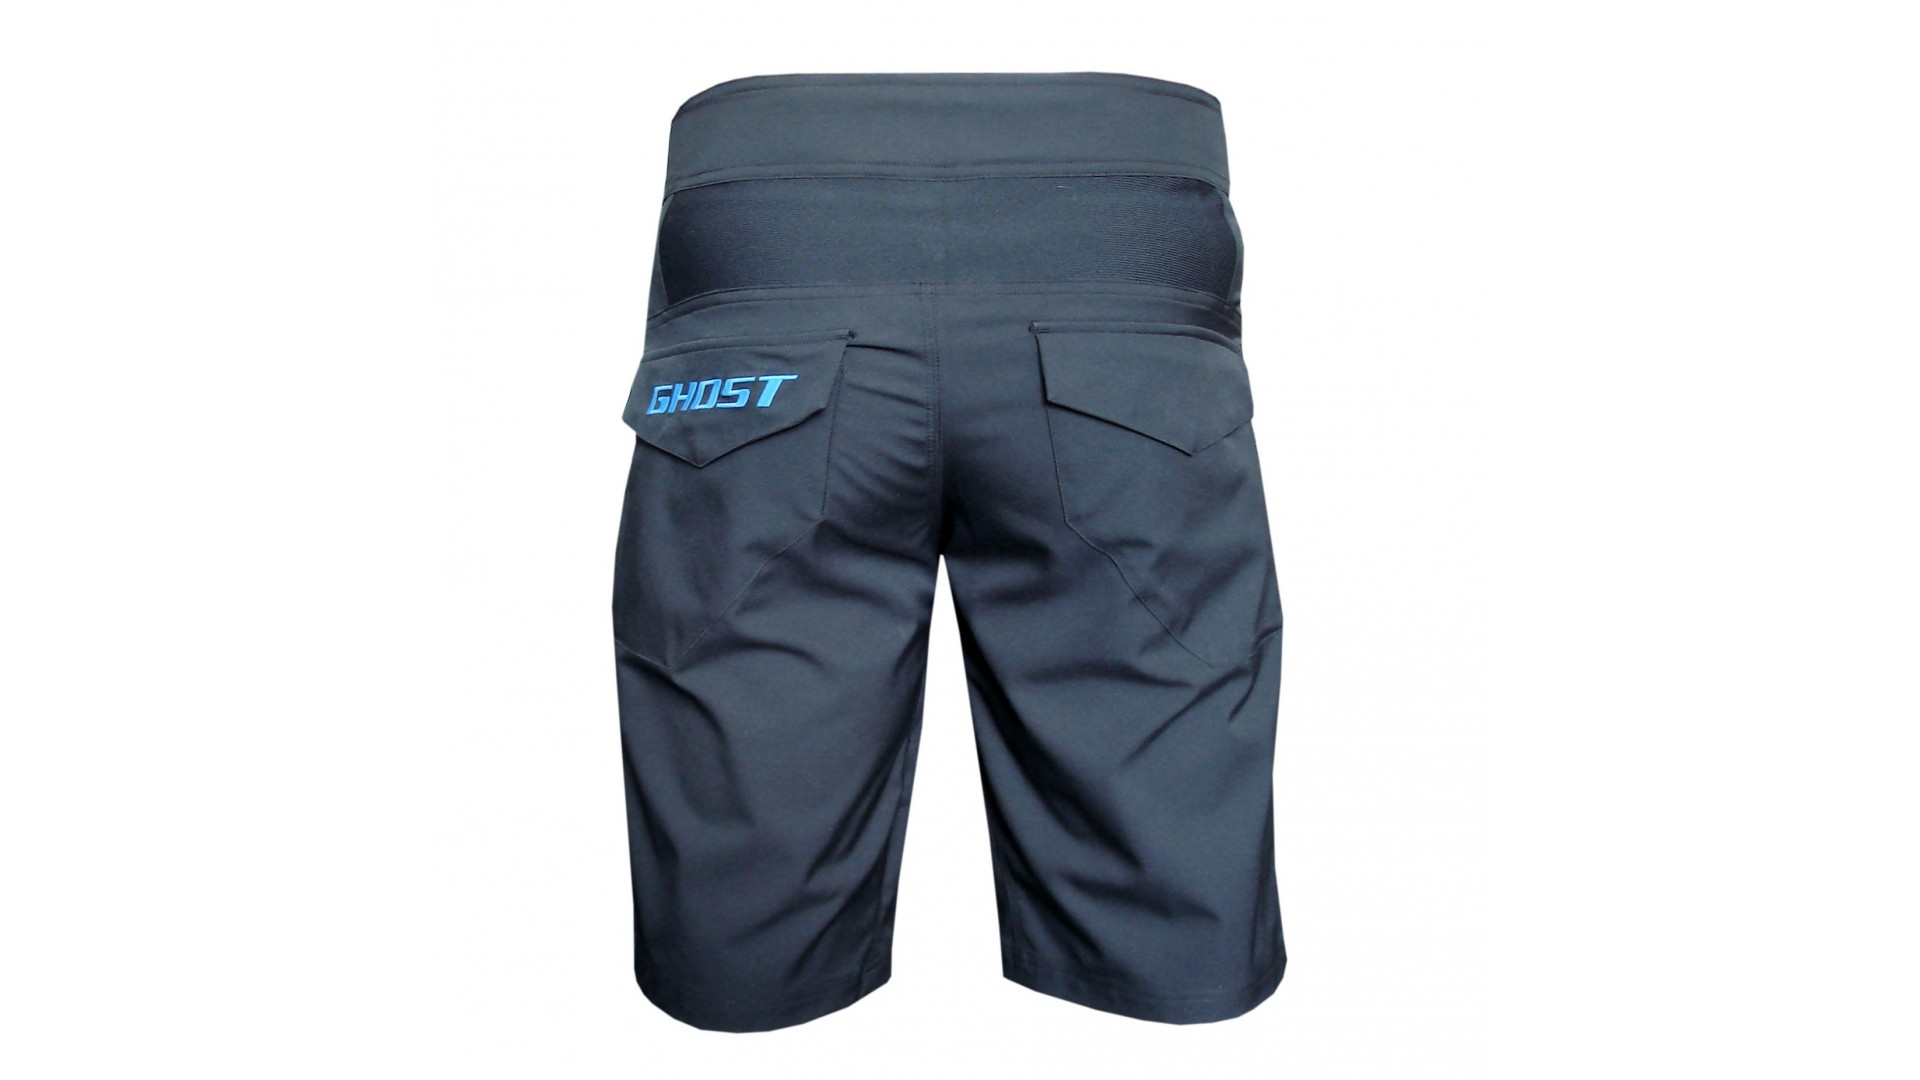 Трусы свободные Ghost Shorts man black/blue/green год 2014